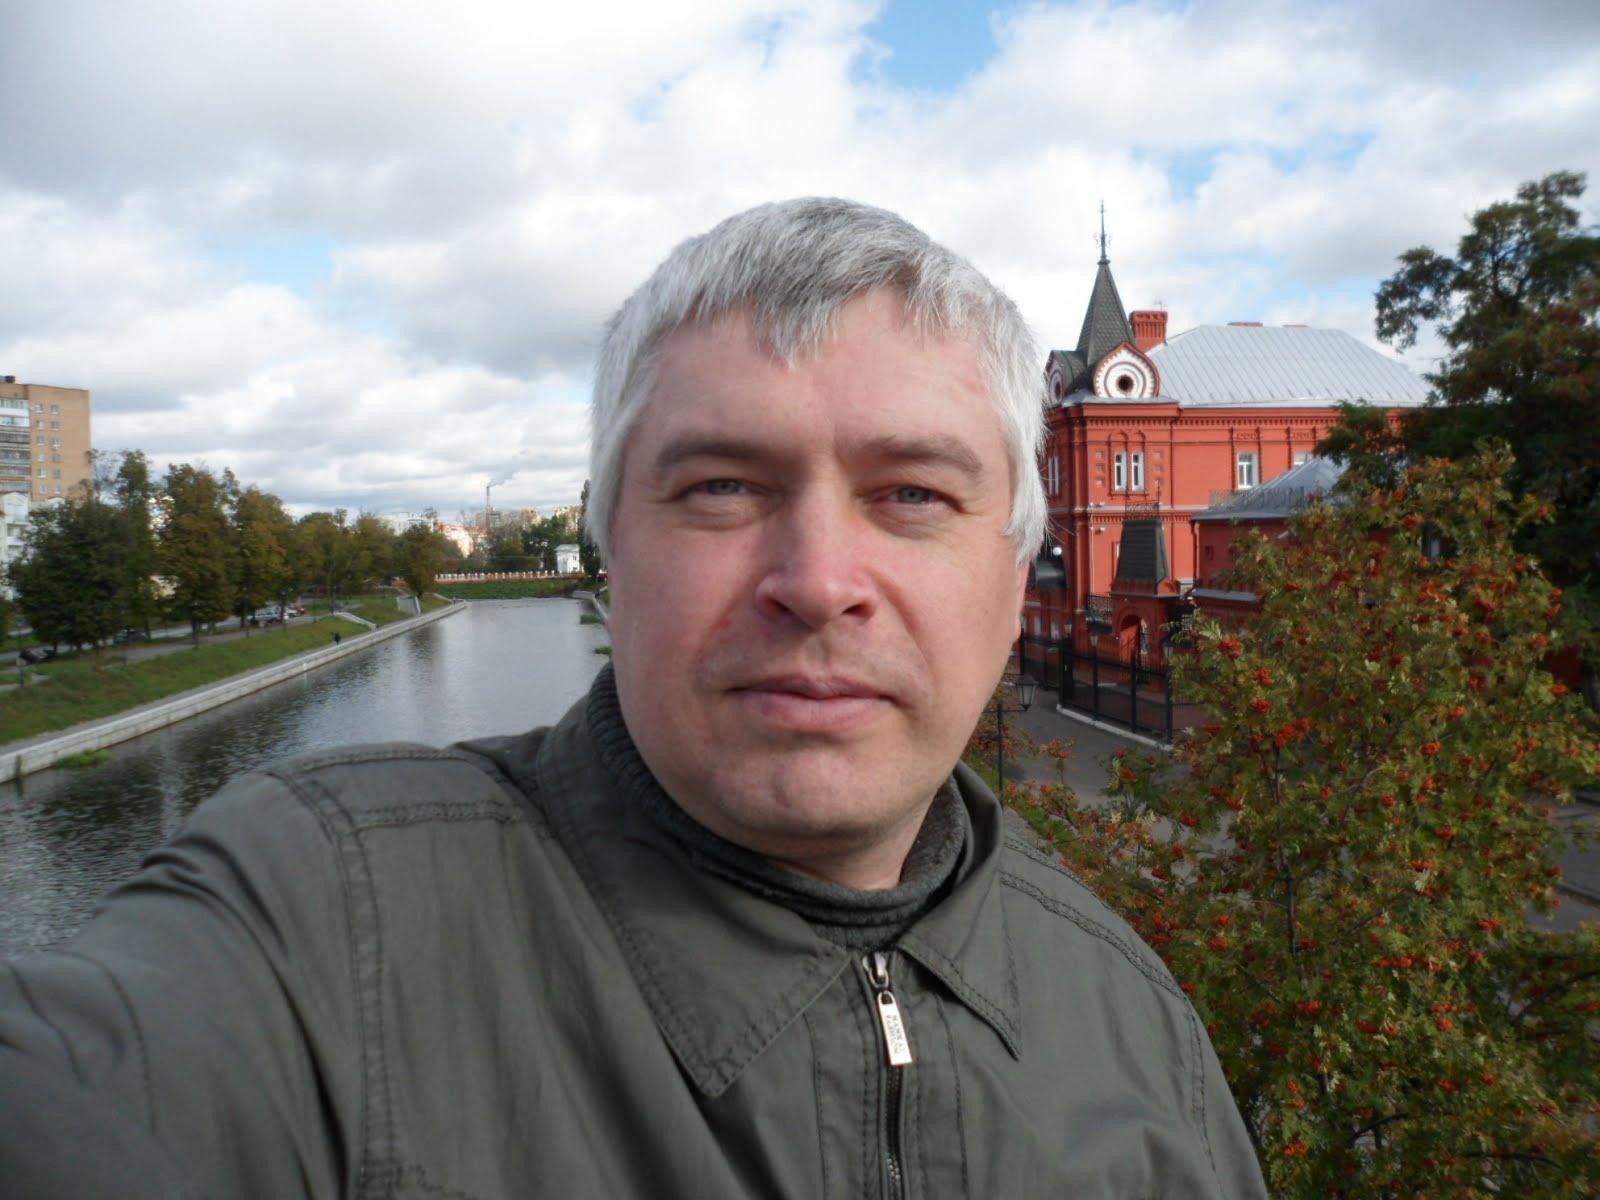 Кто такой Геннадий Горин: биография, фото, личная жизнь, болезнь